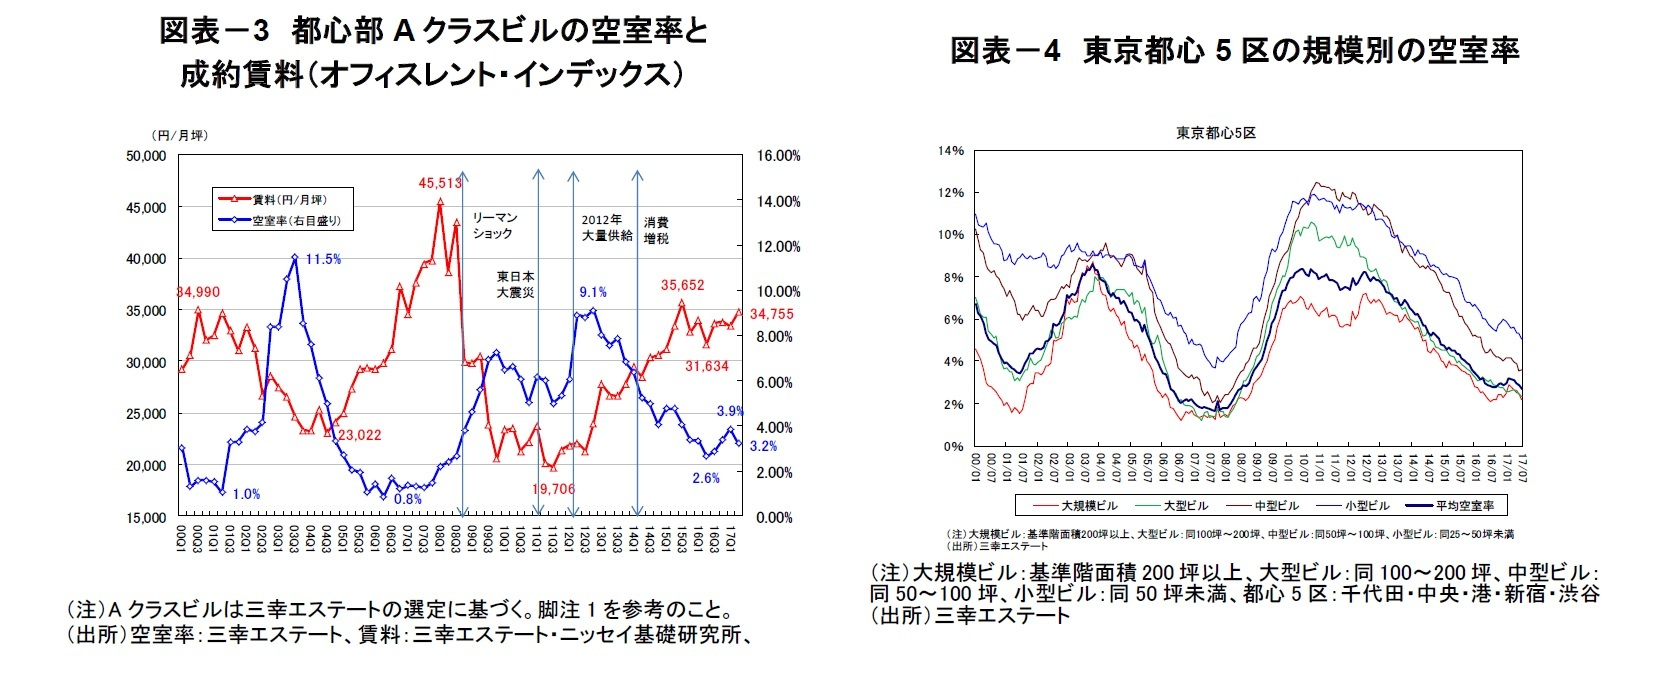 図表-3 都心部Aクラスビルの空室率と成約賃料(オフィスレント・インデックス)/図表-4 東京都心5区の規模別の空室率